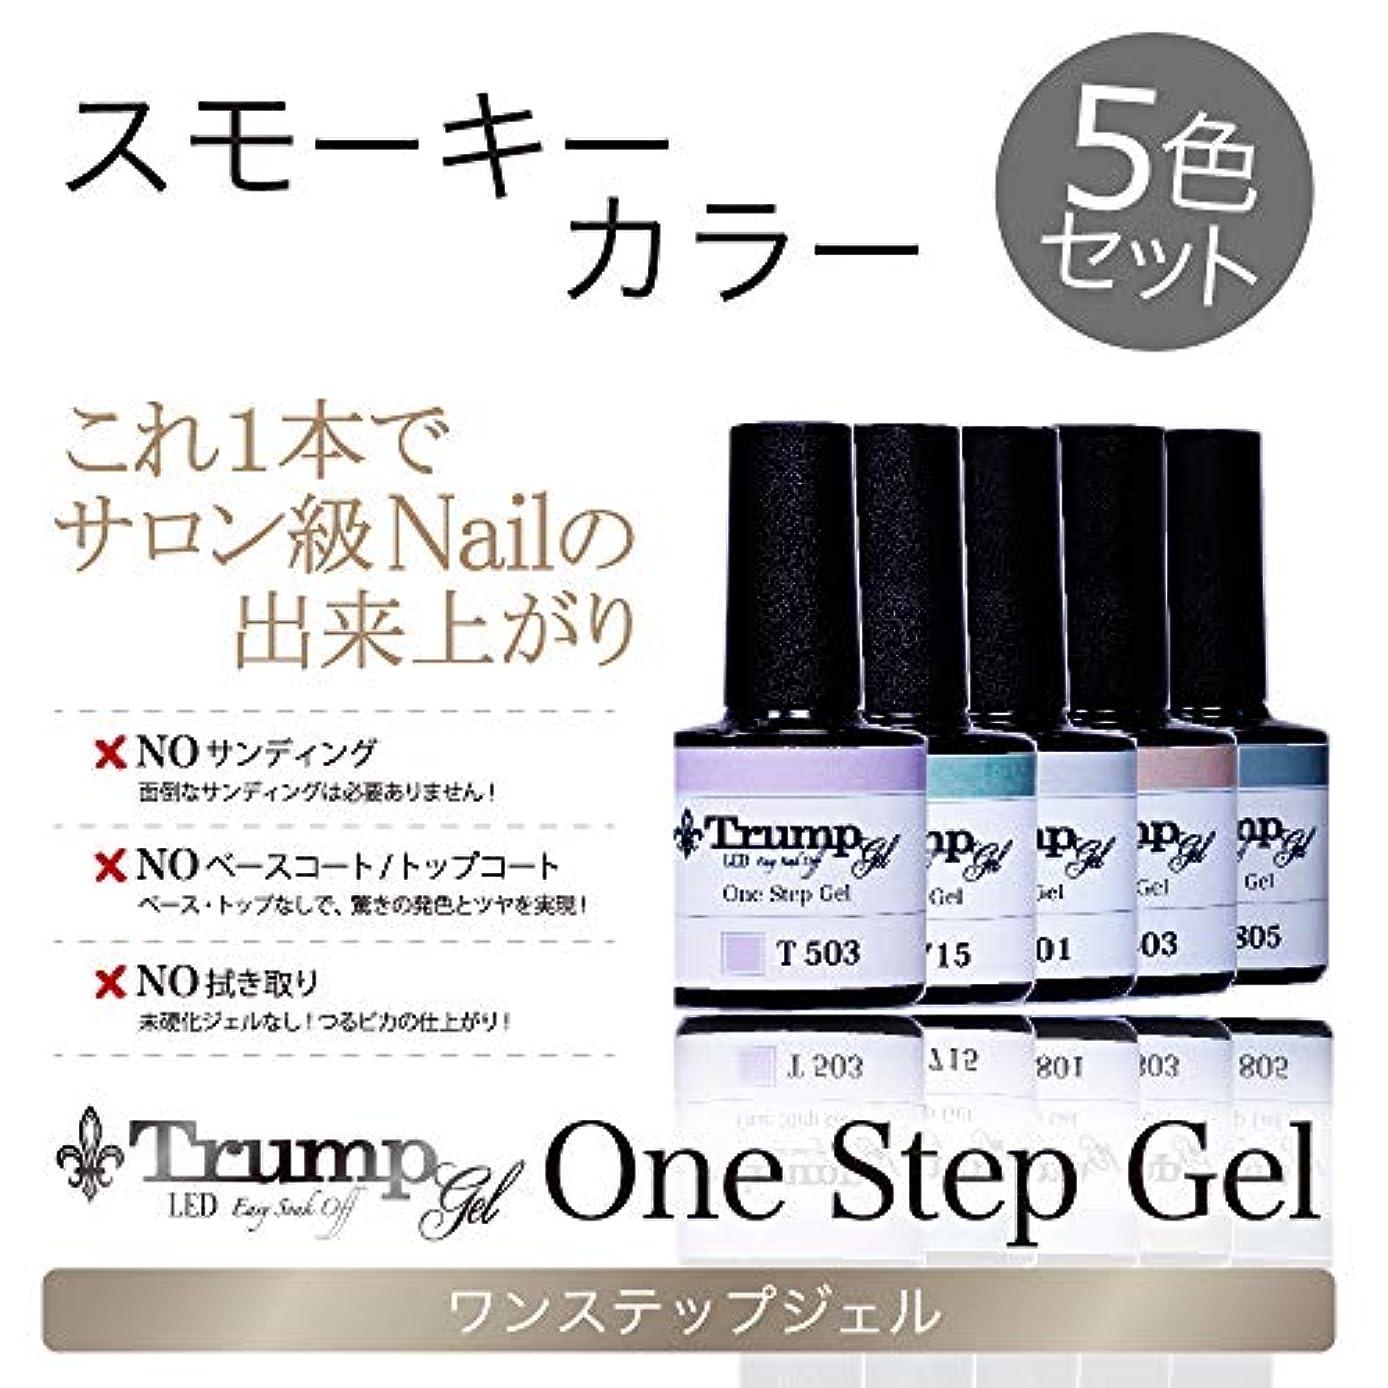 【日本製】Trump gel トランプジェル ワンステップジェル ジェルネイル カラージェル 5点 セット ニュアンスカラー (スモーキーカラー5色セット)